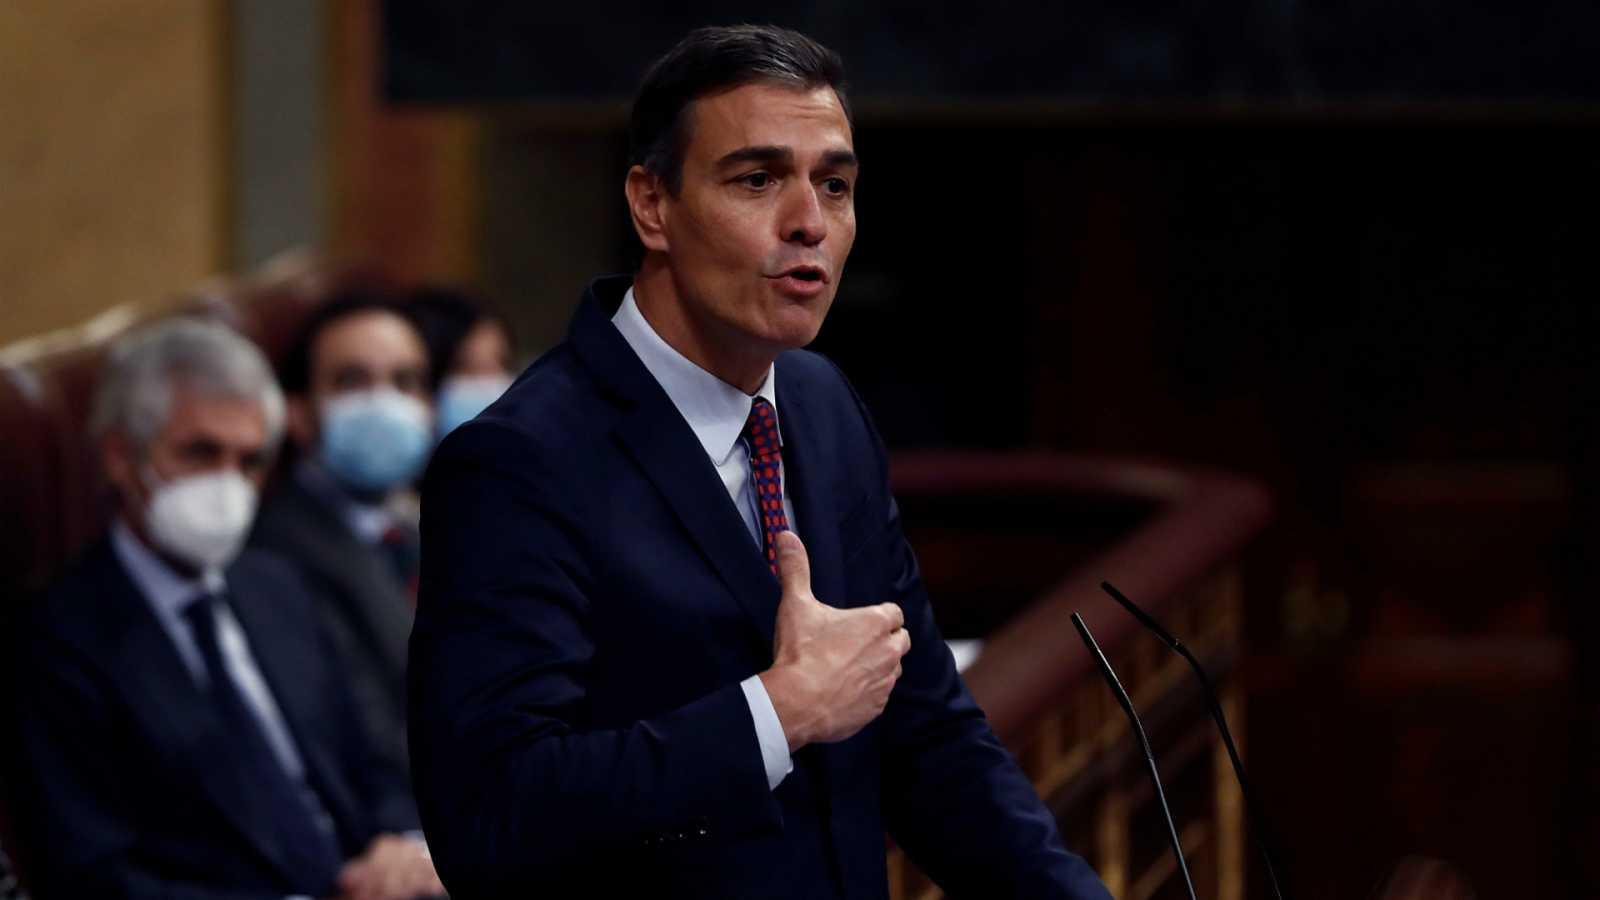 14 horas - Sánchez aparca su reforma del CGPJ para intentar negociarla con el PP - Escuchar ahora